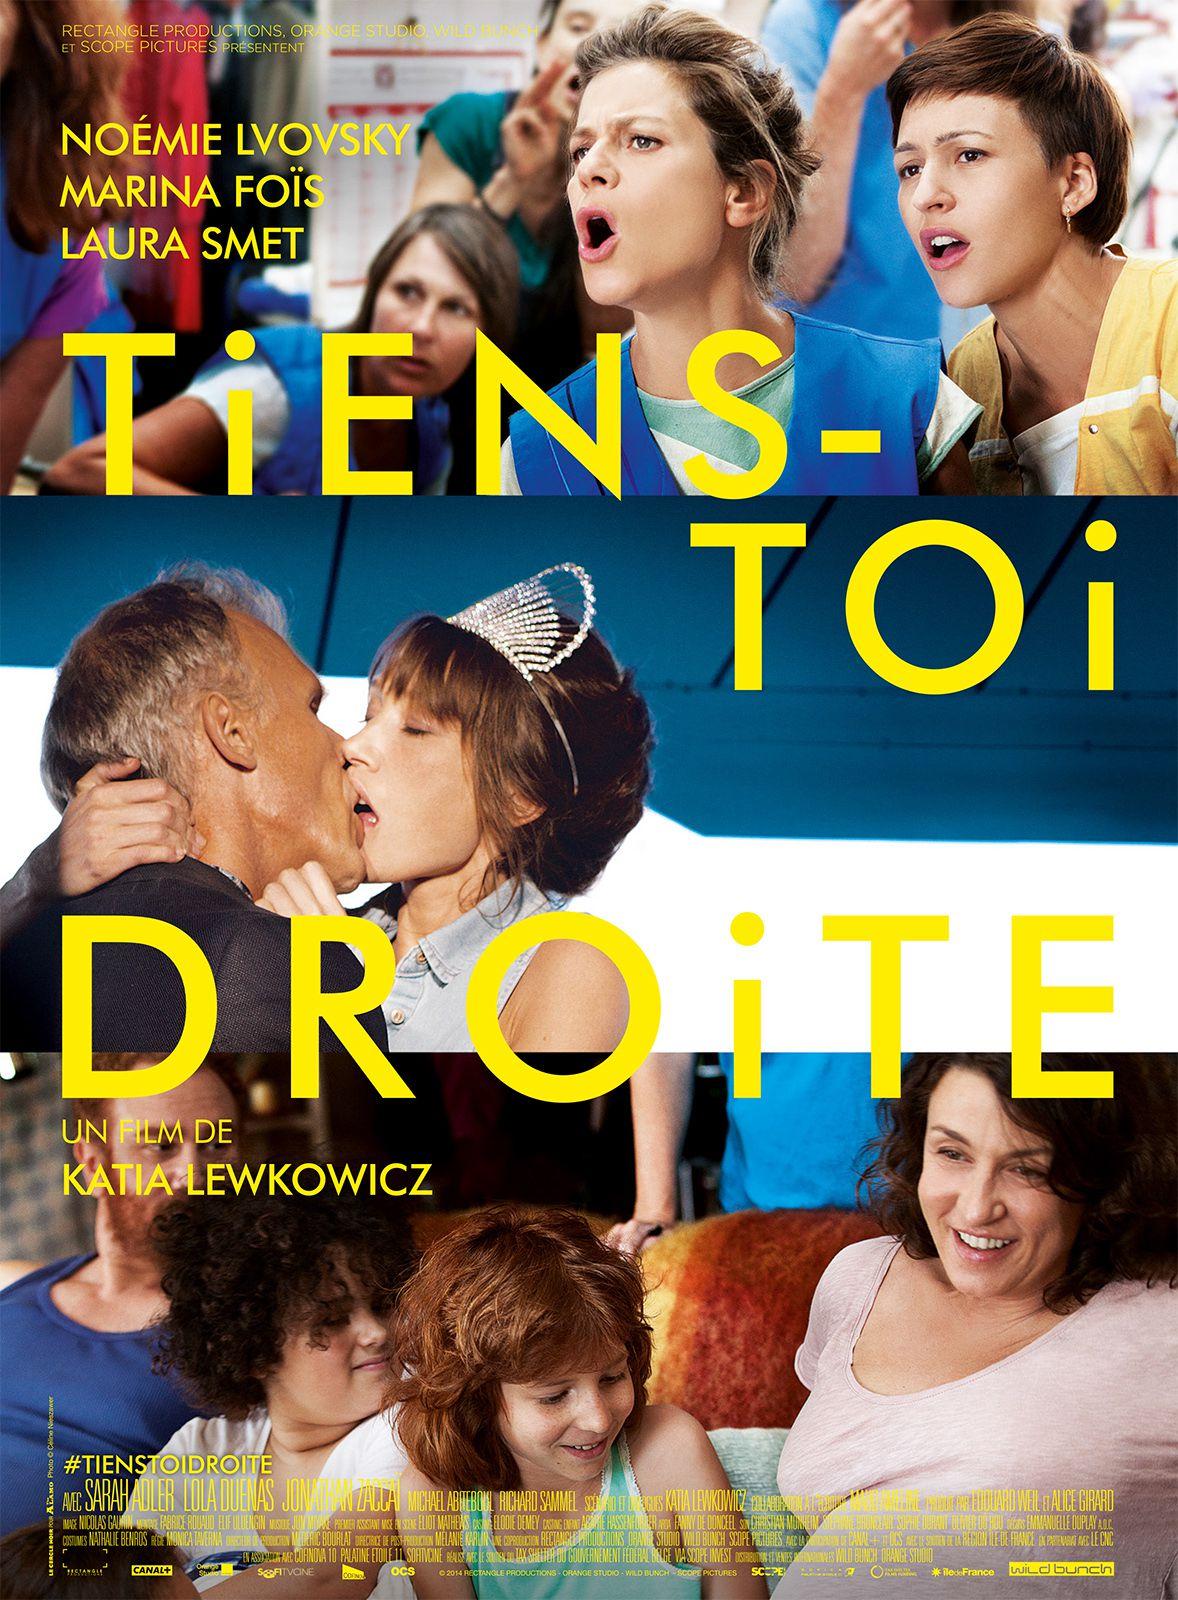 Tiens-toi droite - Film (2014)